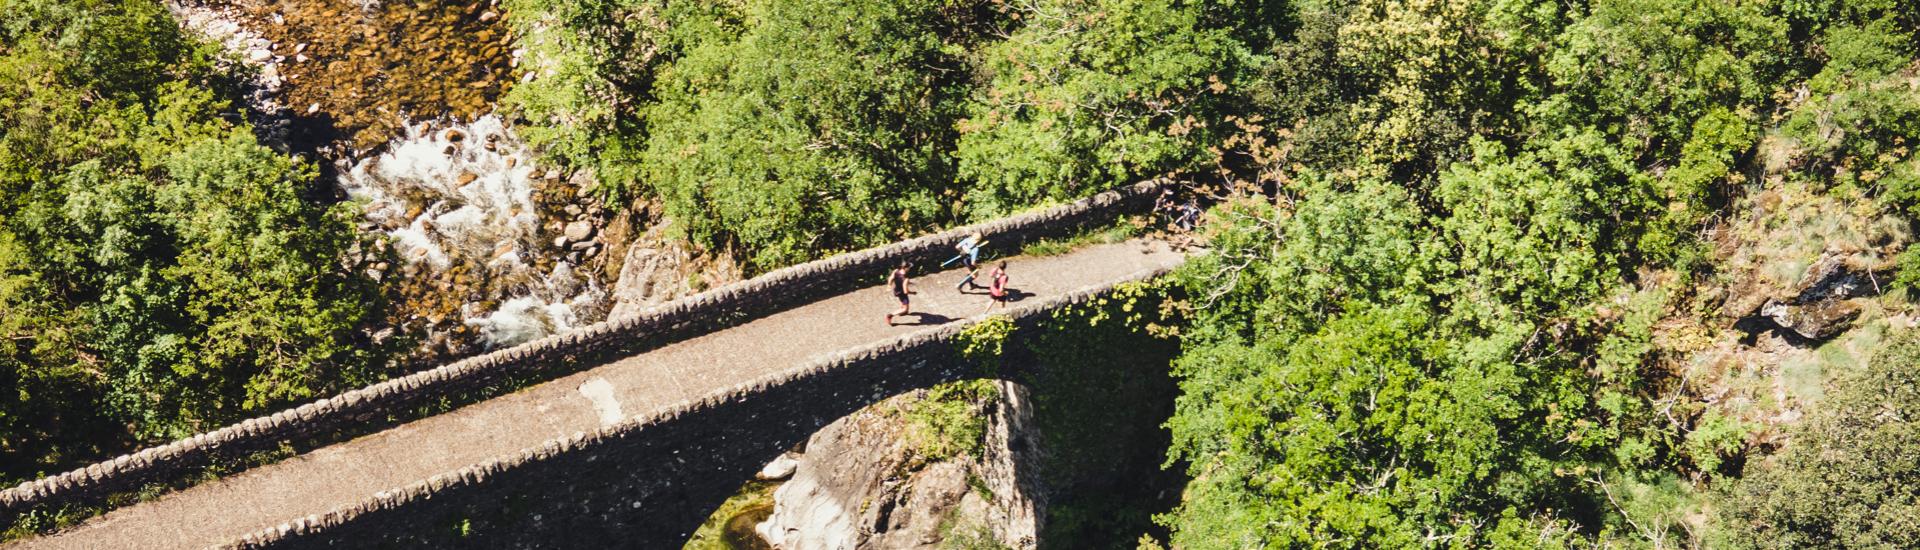 Ultra trail ardéchois – François Laupin remonte la rivière Ardèche, du Rhône jusqu'à sa source en 110km